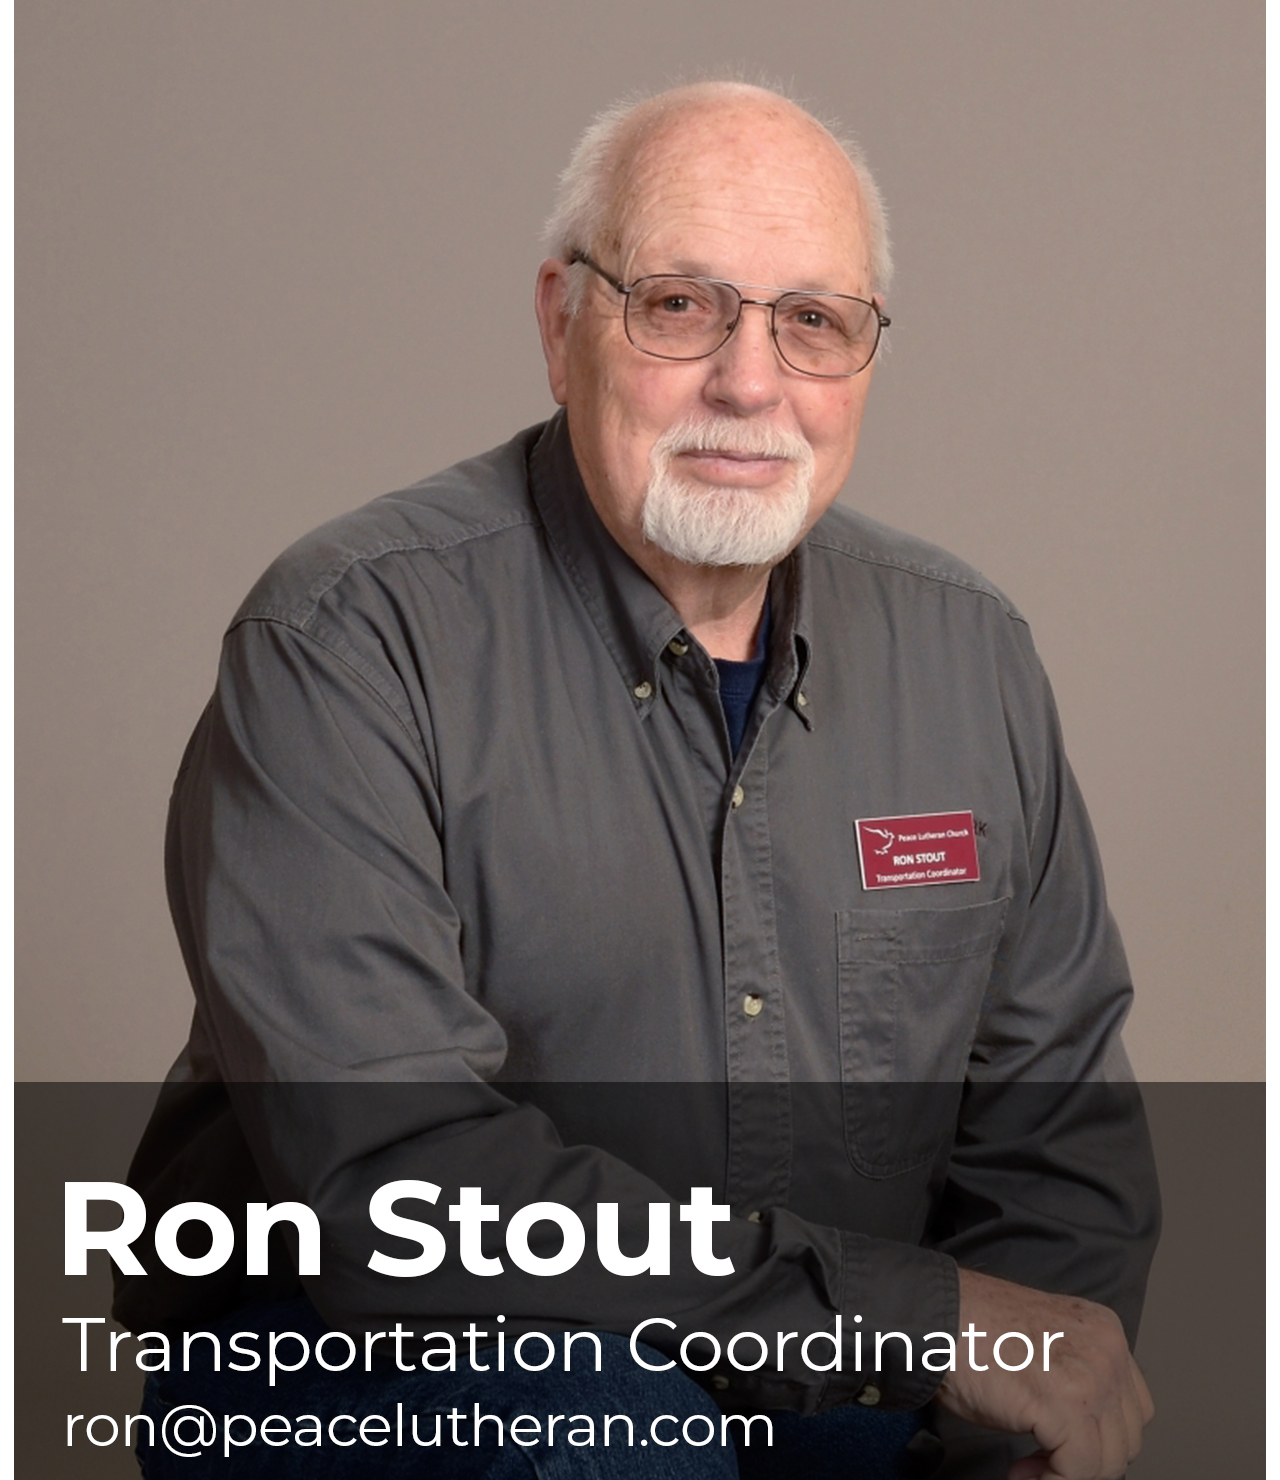 Ron Stout